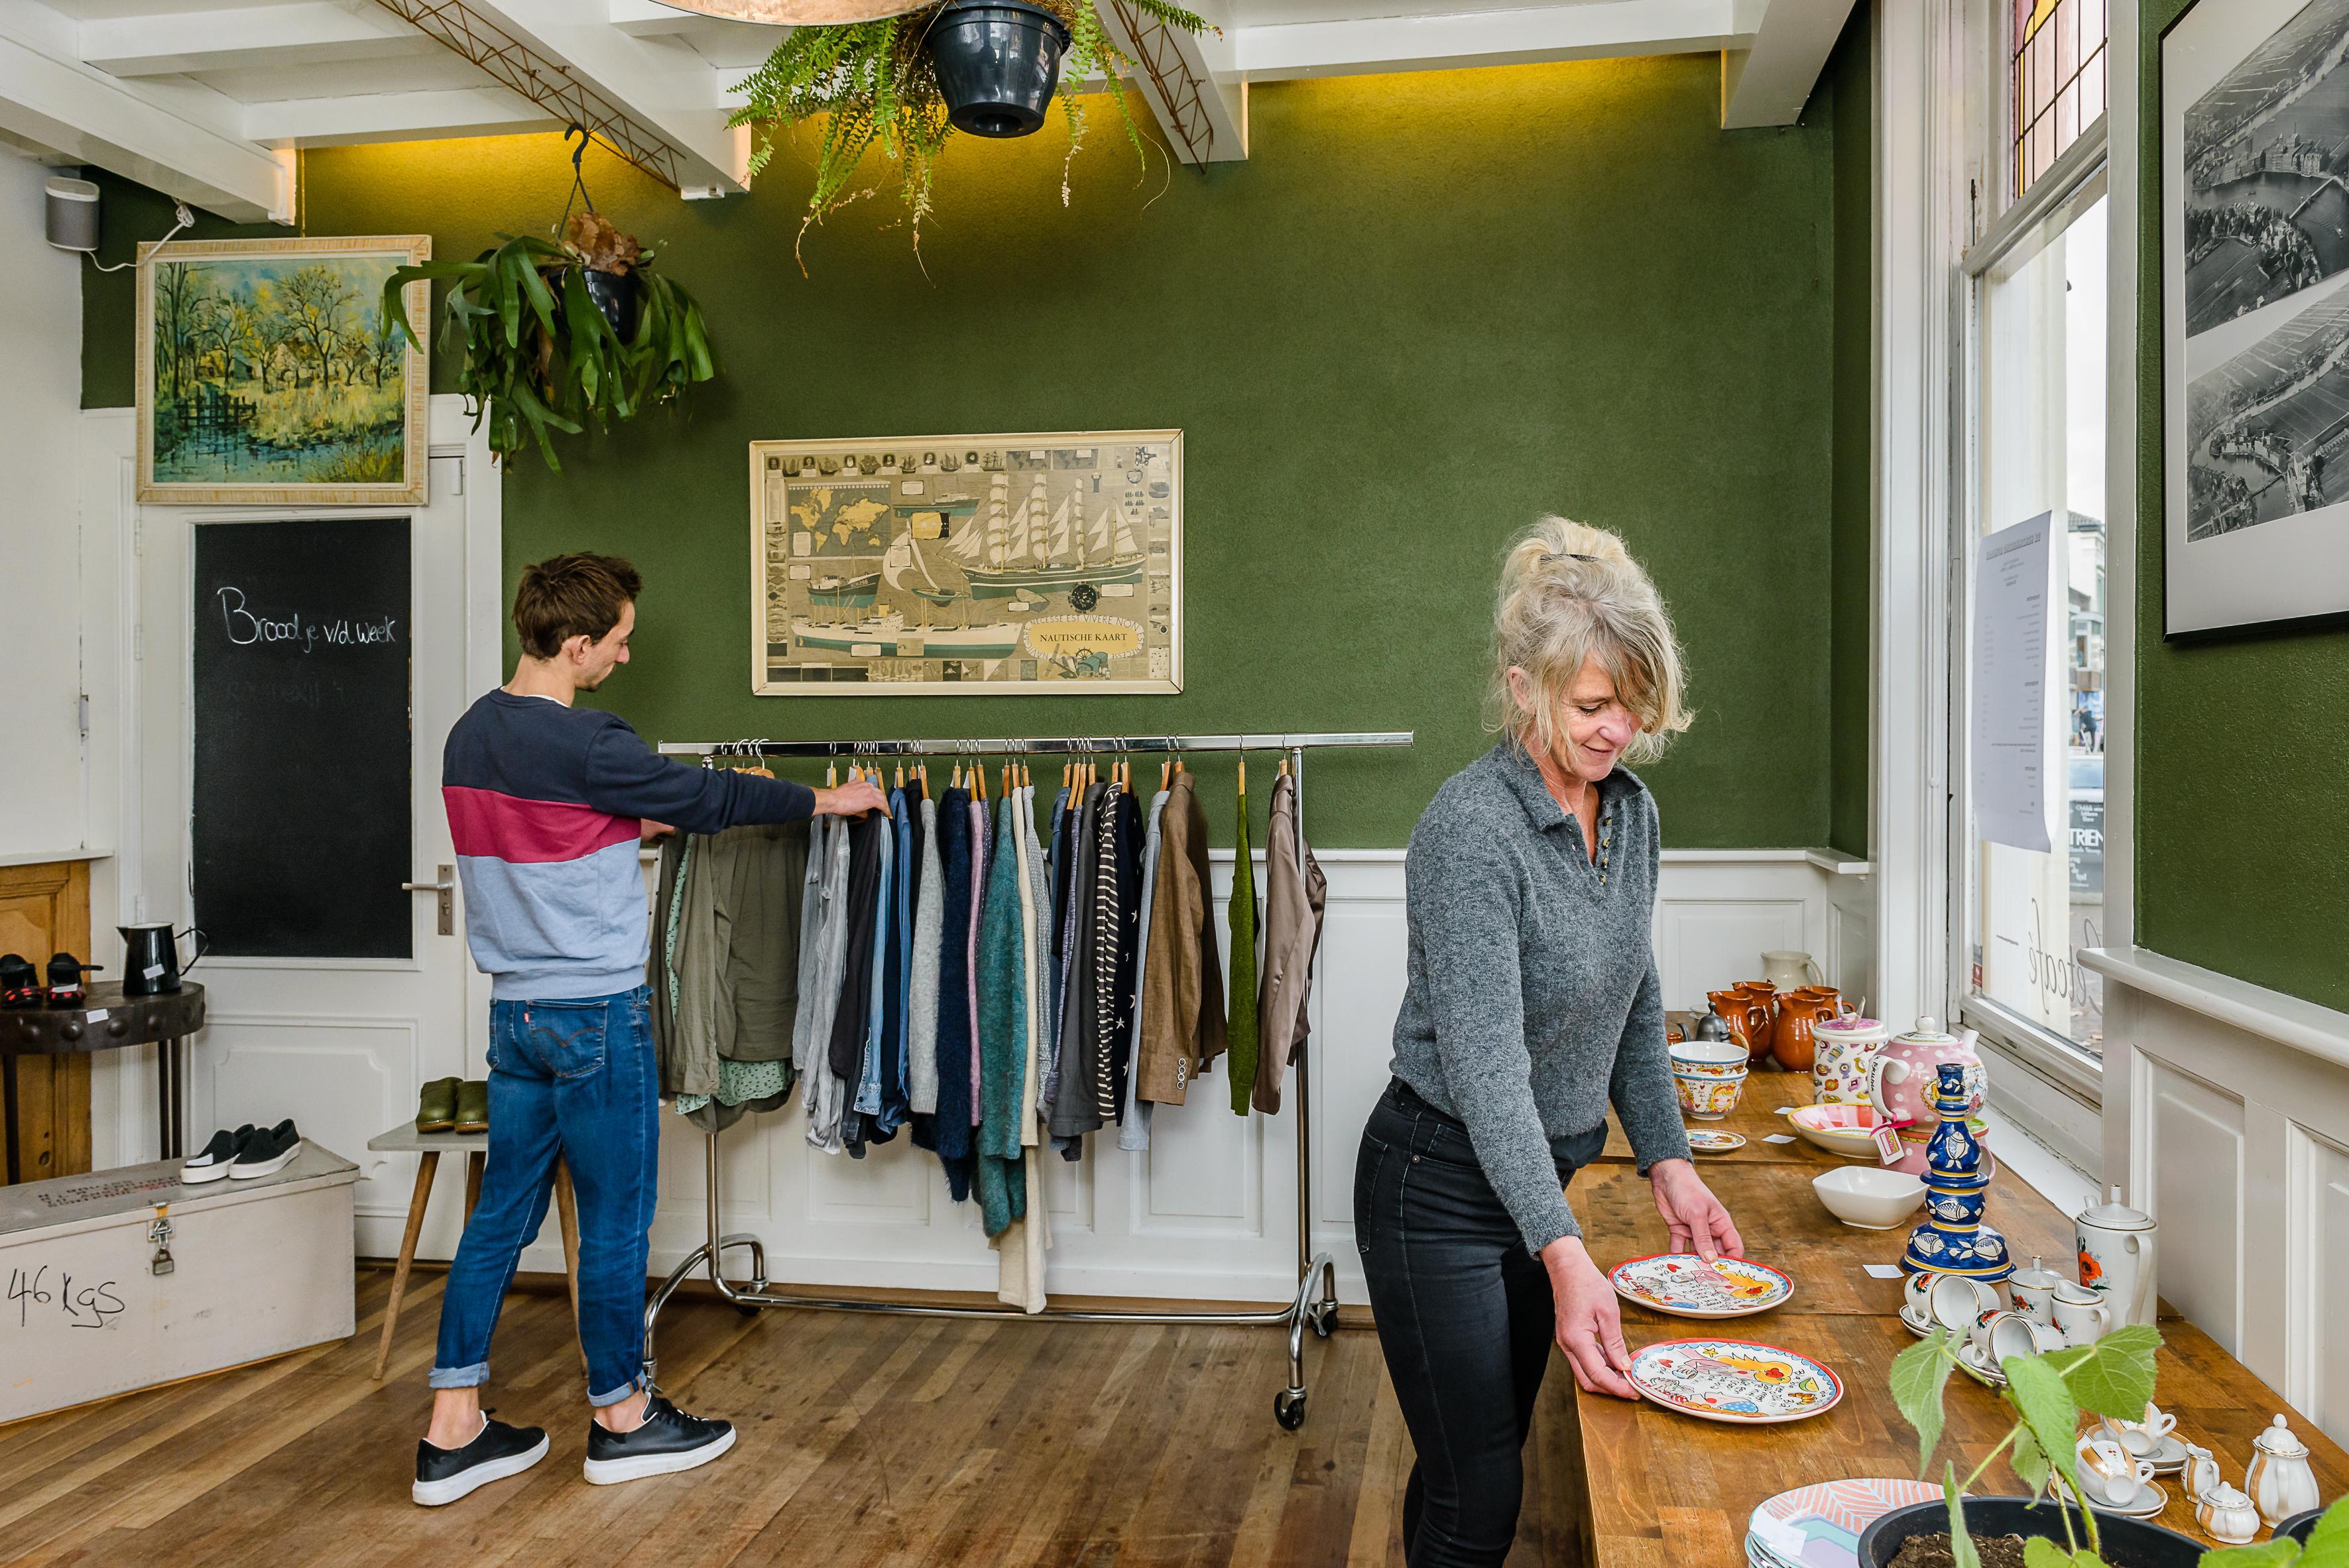 Creatief in coronatijd: Wormerveers eetcafé tovert locatie om tot vintage pop-upstore